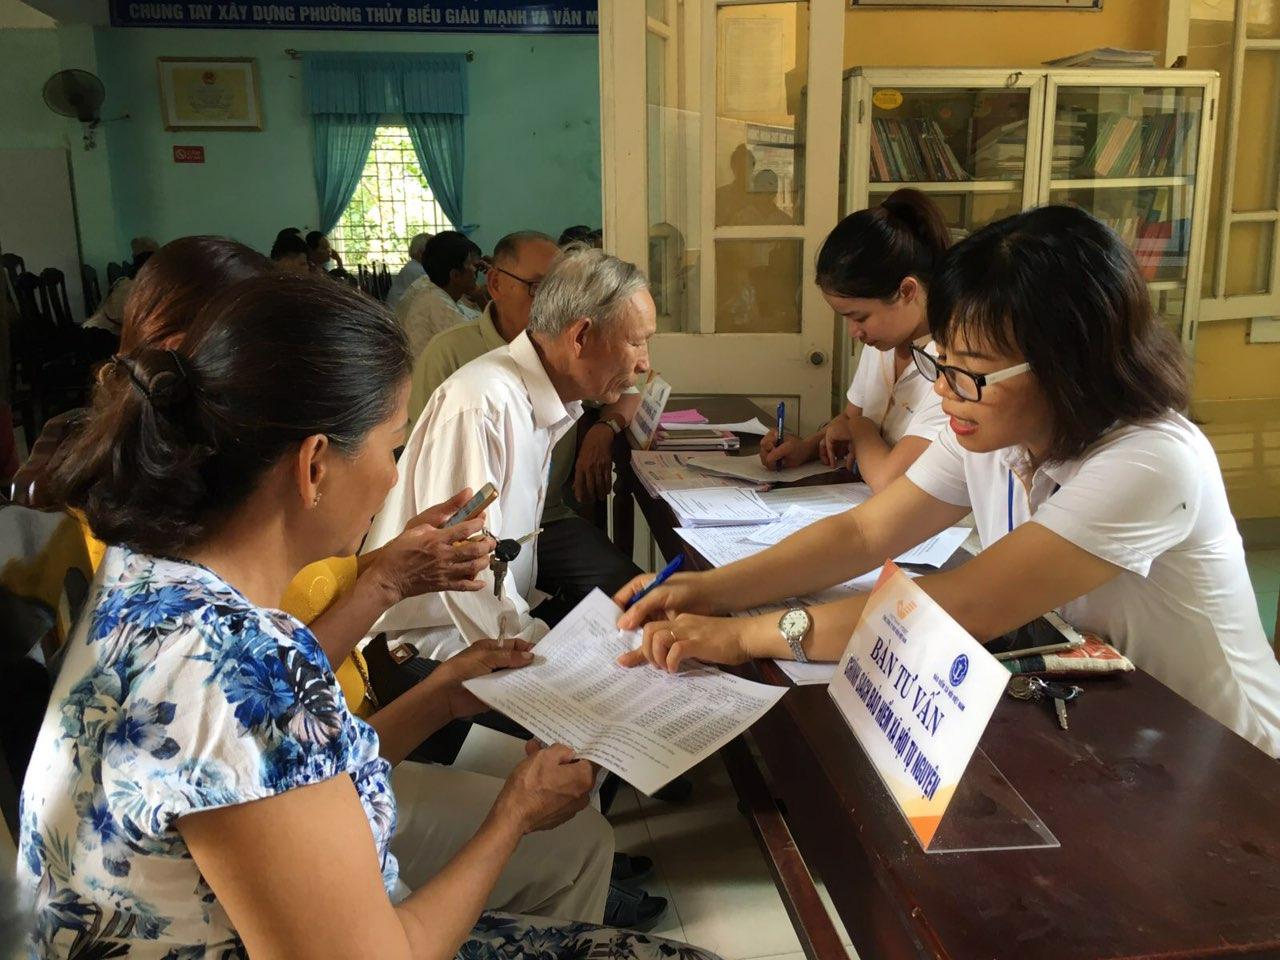 Nhân viên Bưu điện Huế tuyên truyền chính sách Bảo hiểm xã hội tự nguyện đến với người dân Thủy Biều